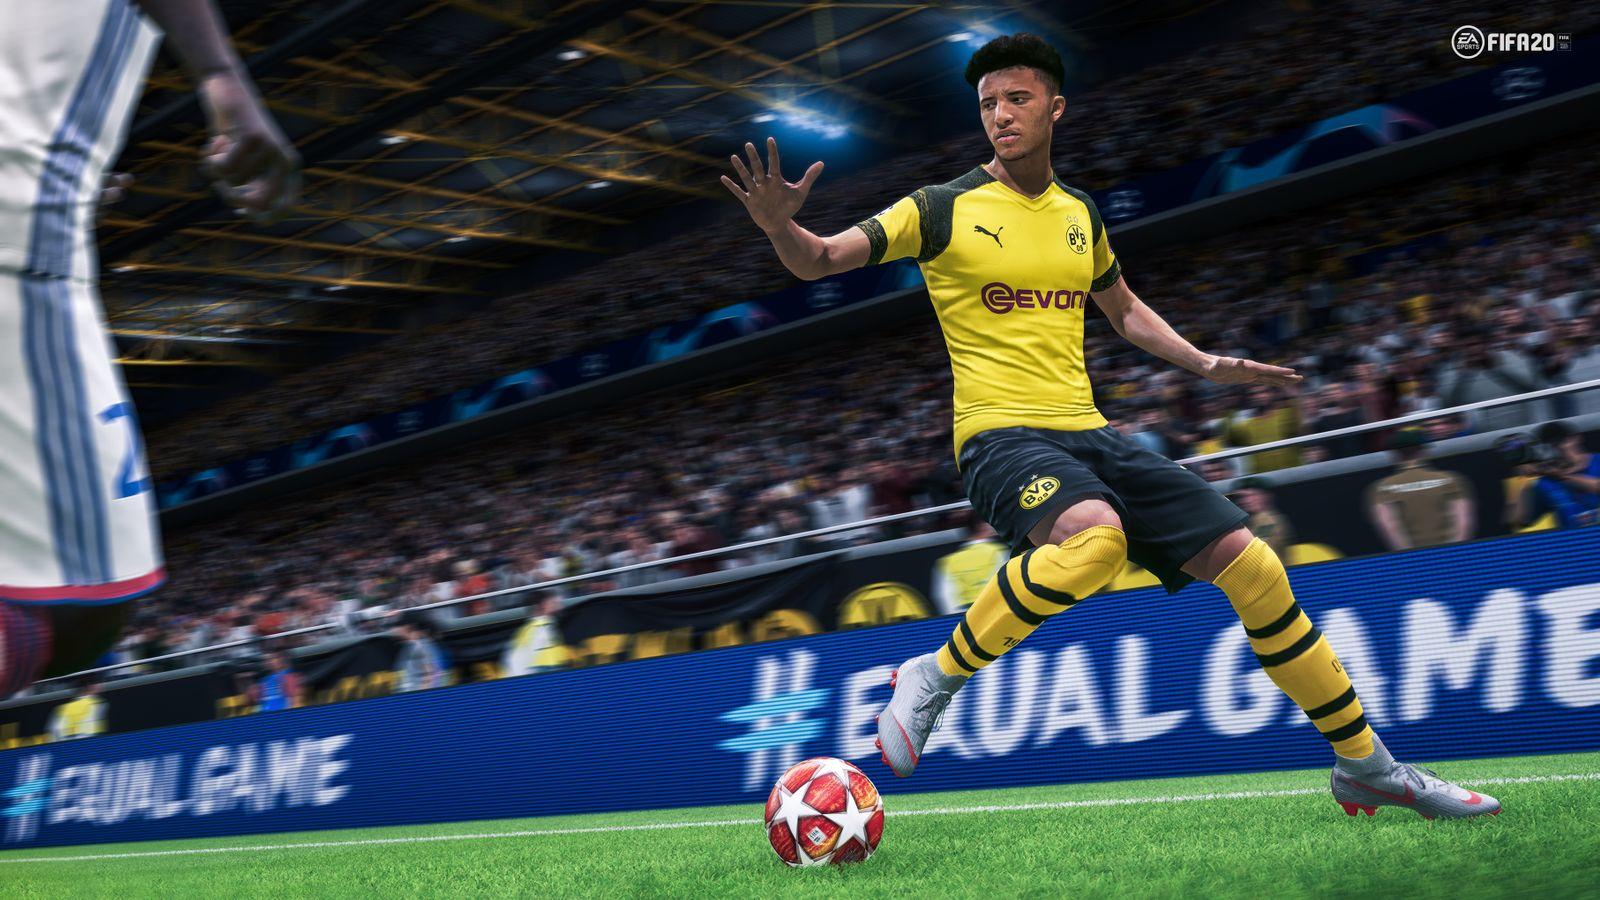 Fifa20_EA Sports (1)